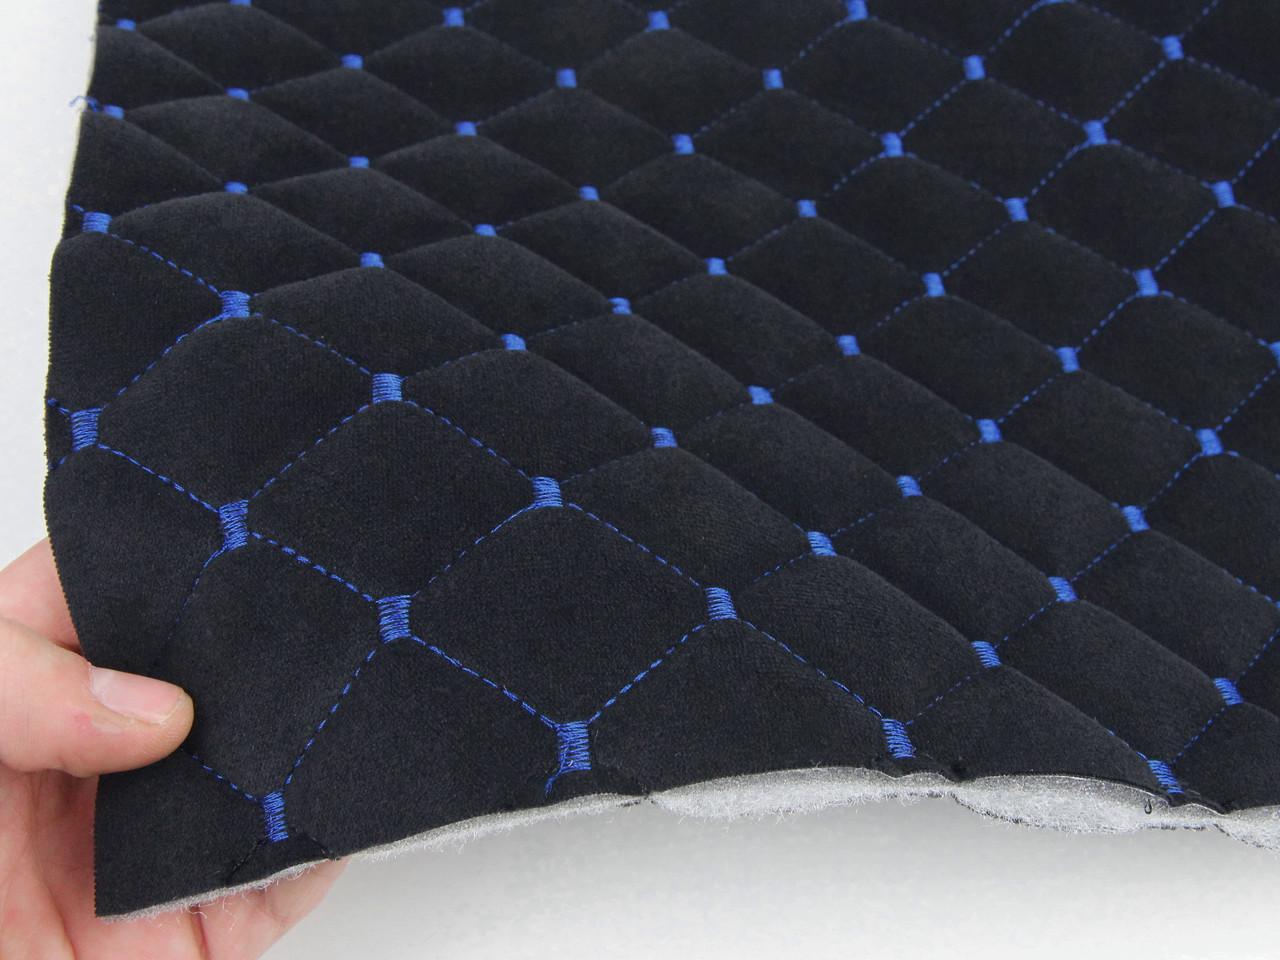 Велюр TRINITY стьобаний чорний «Ромб» (прошитий синьою ниткою) поролон, синтепоном і флізеліном шир 1,35 м